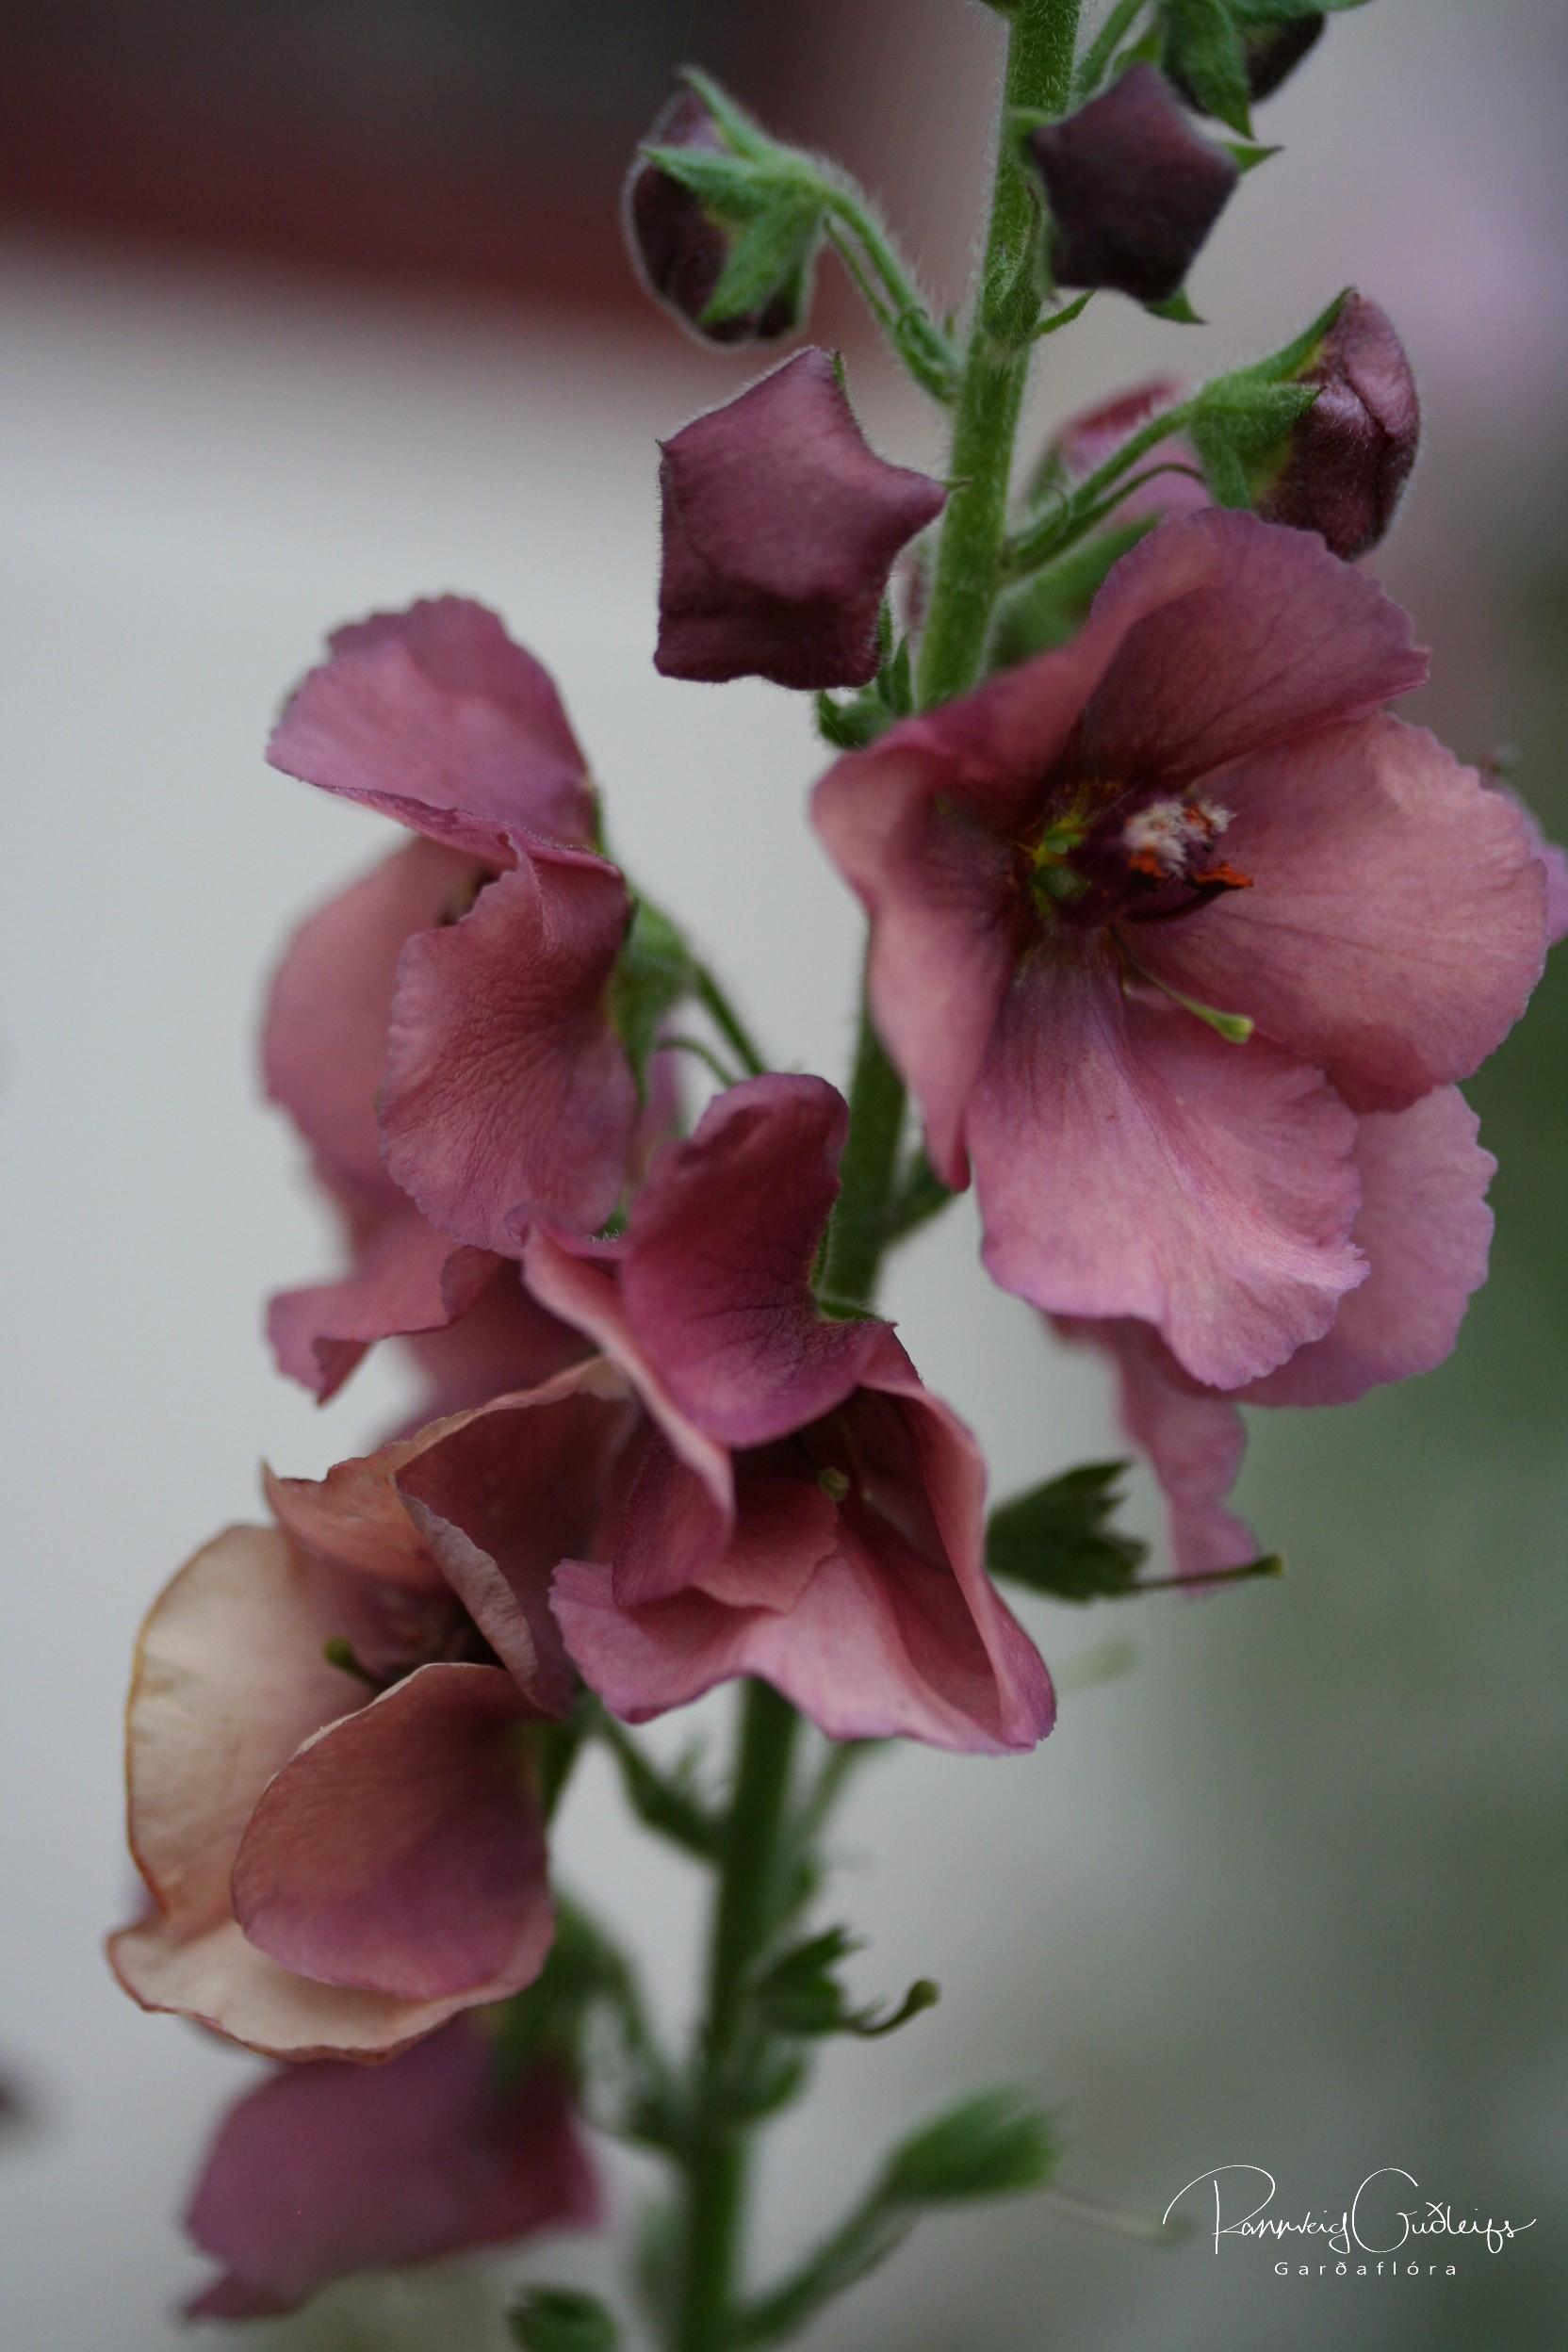 Verbascum x hybridum 'Copper Rose'